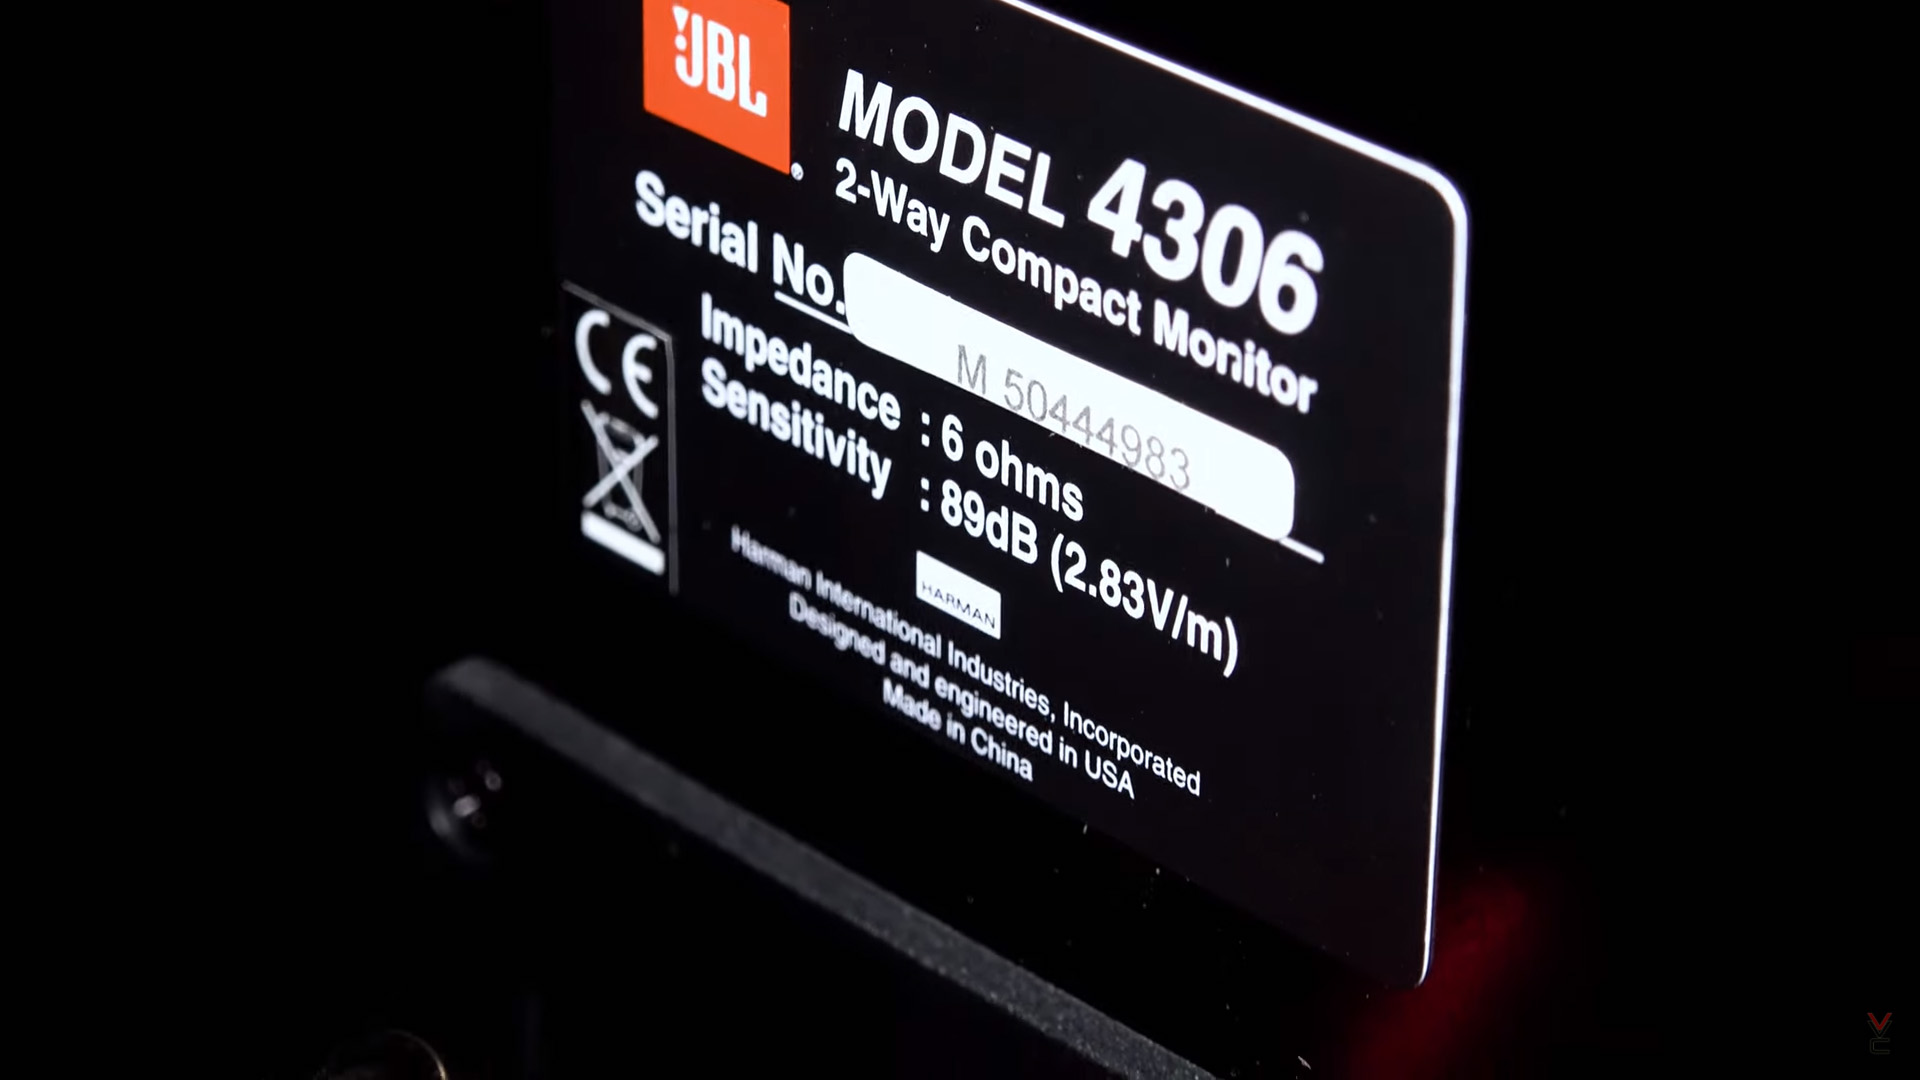 Исключительная точность и достоверность: Valeron слушает мониторы JBL 4306